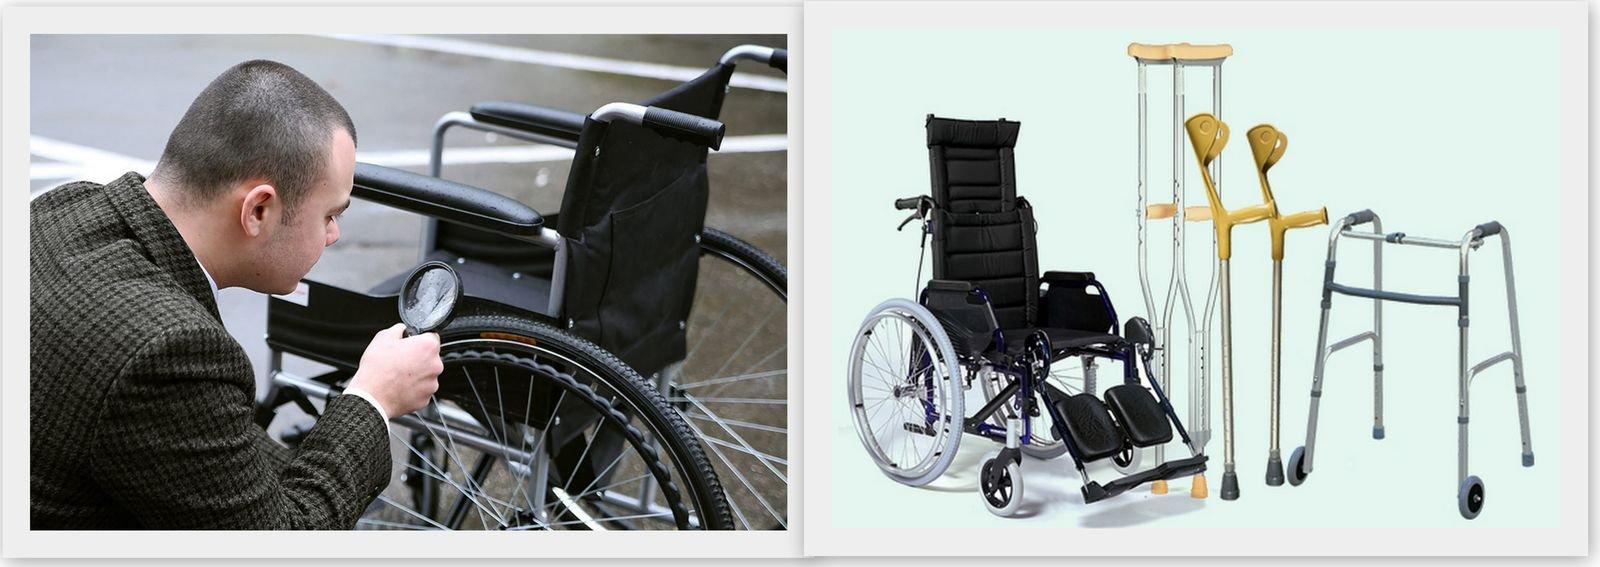 Как получить средства реабилитации инвалидов в 2021 году.jpg